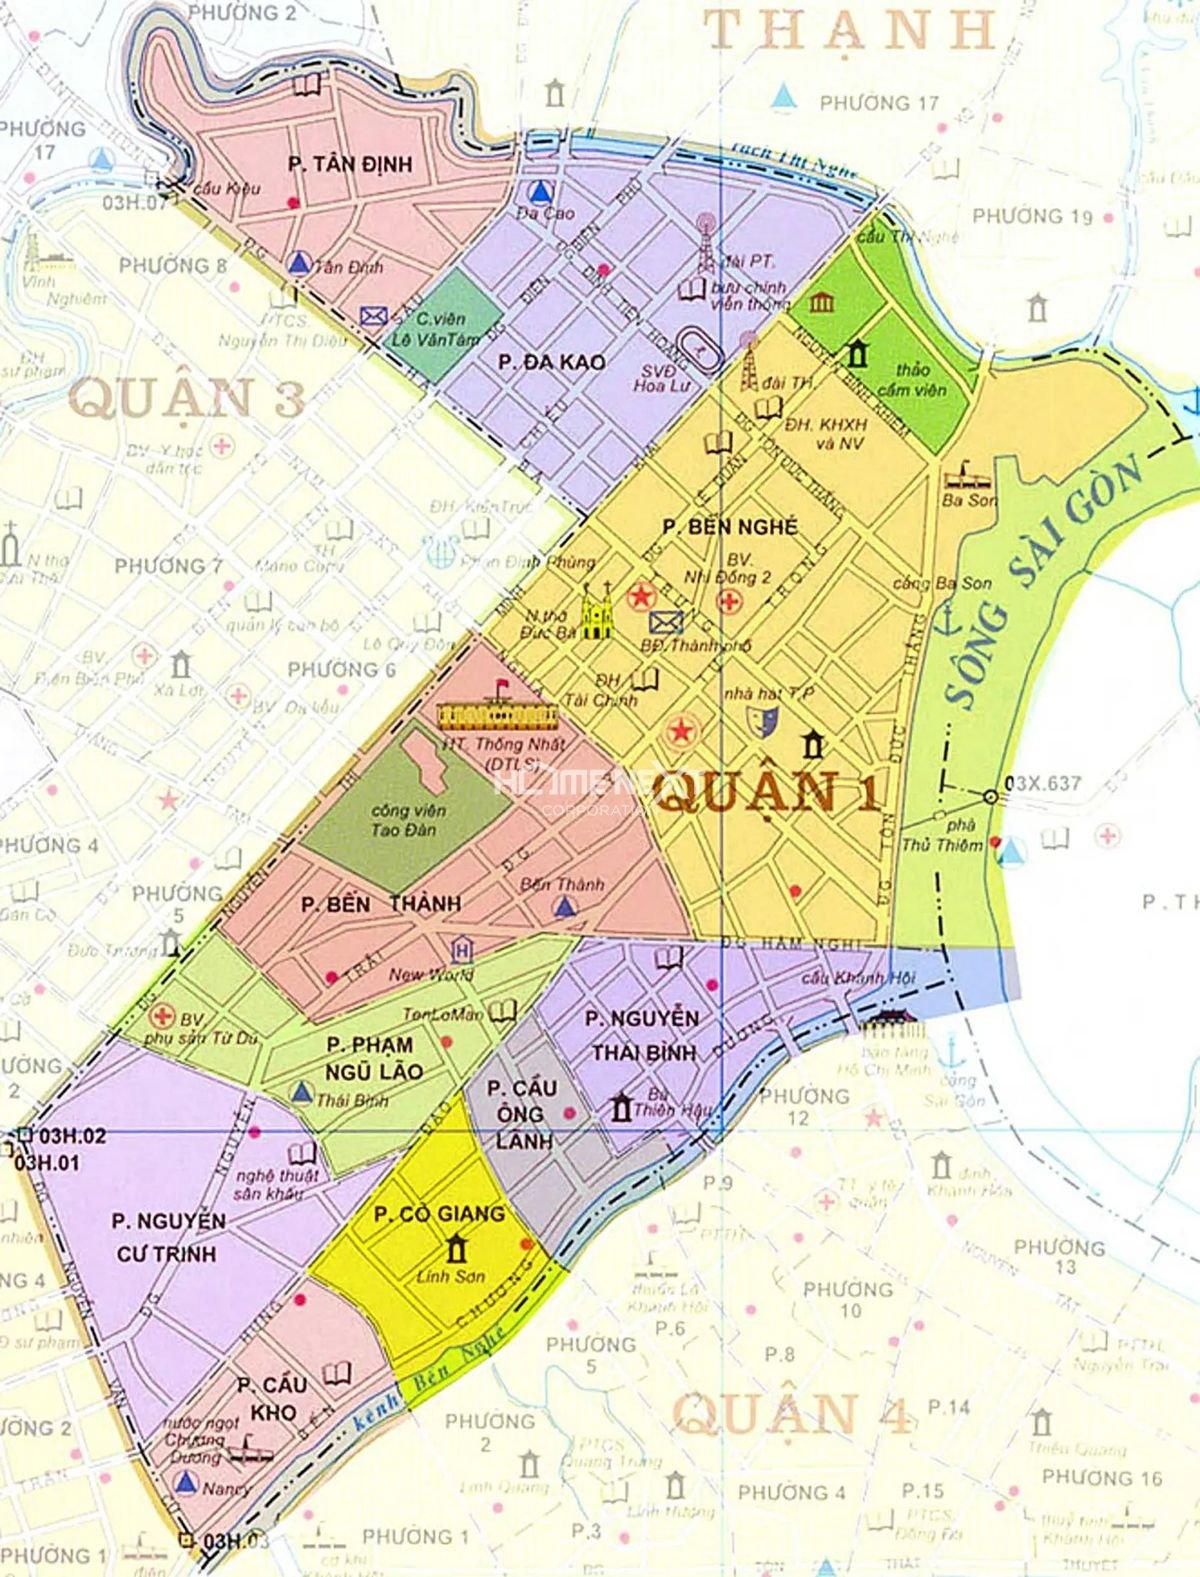 Bản đồ hành chính Quận 1, thành phố Hồ Chí Minh